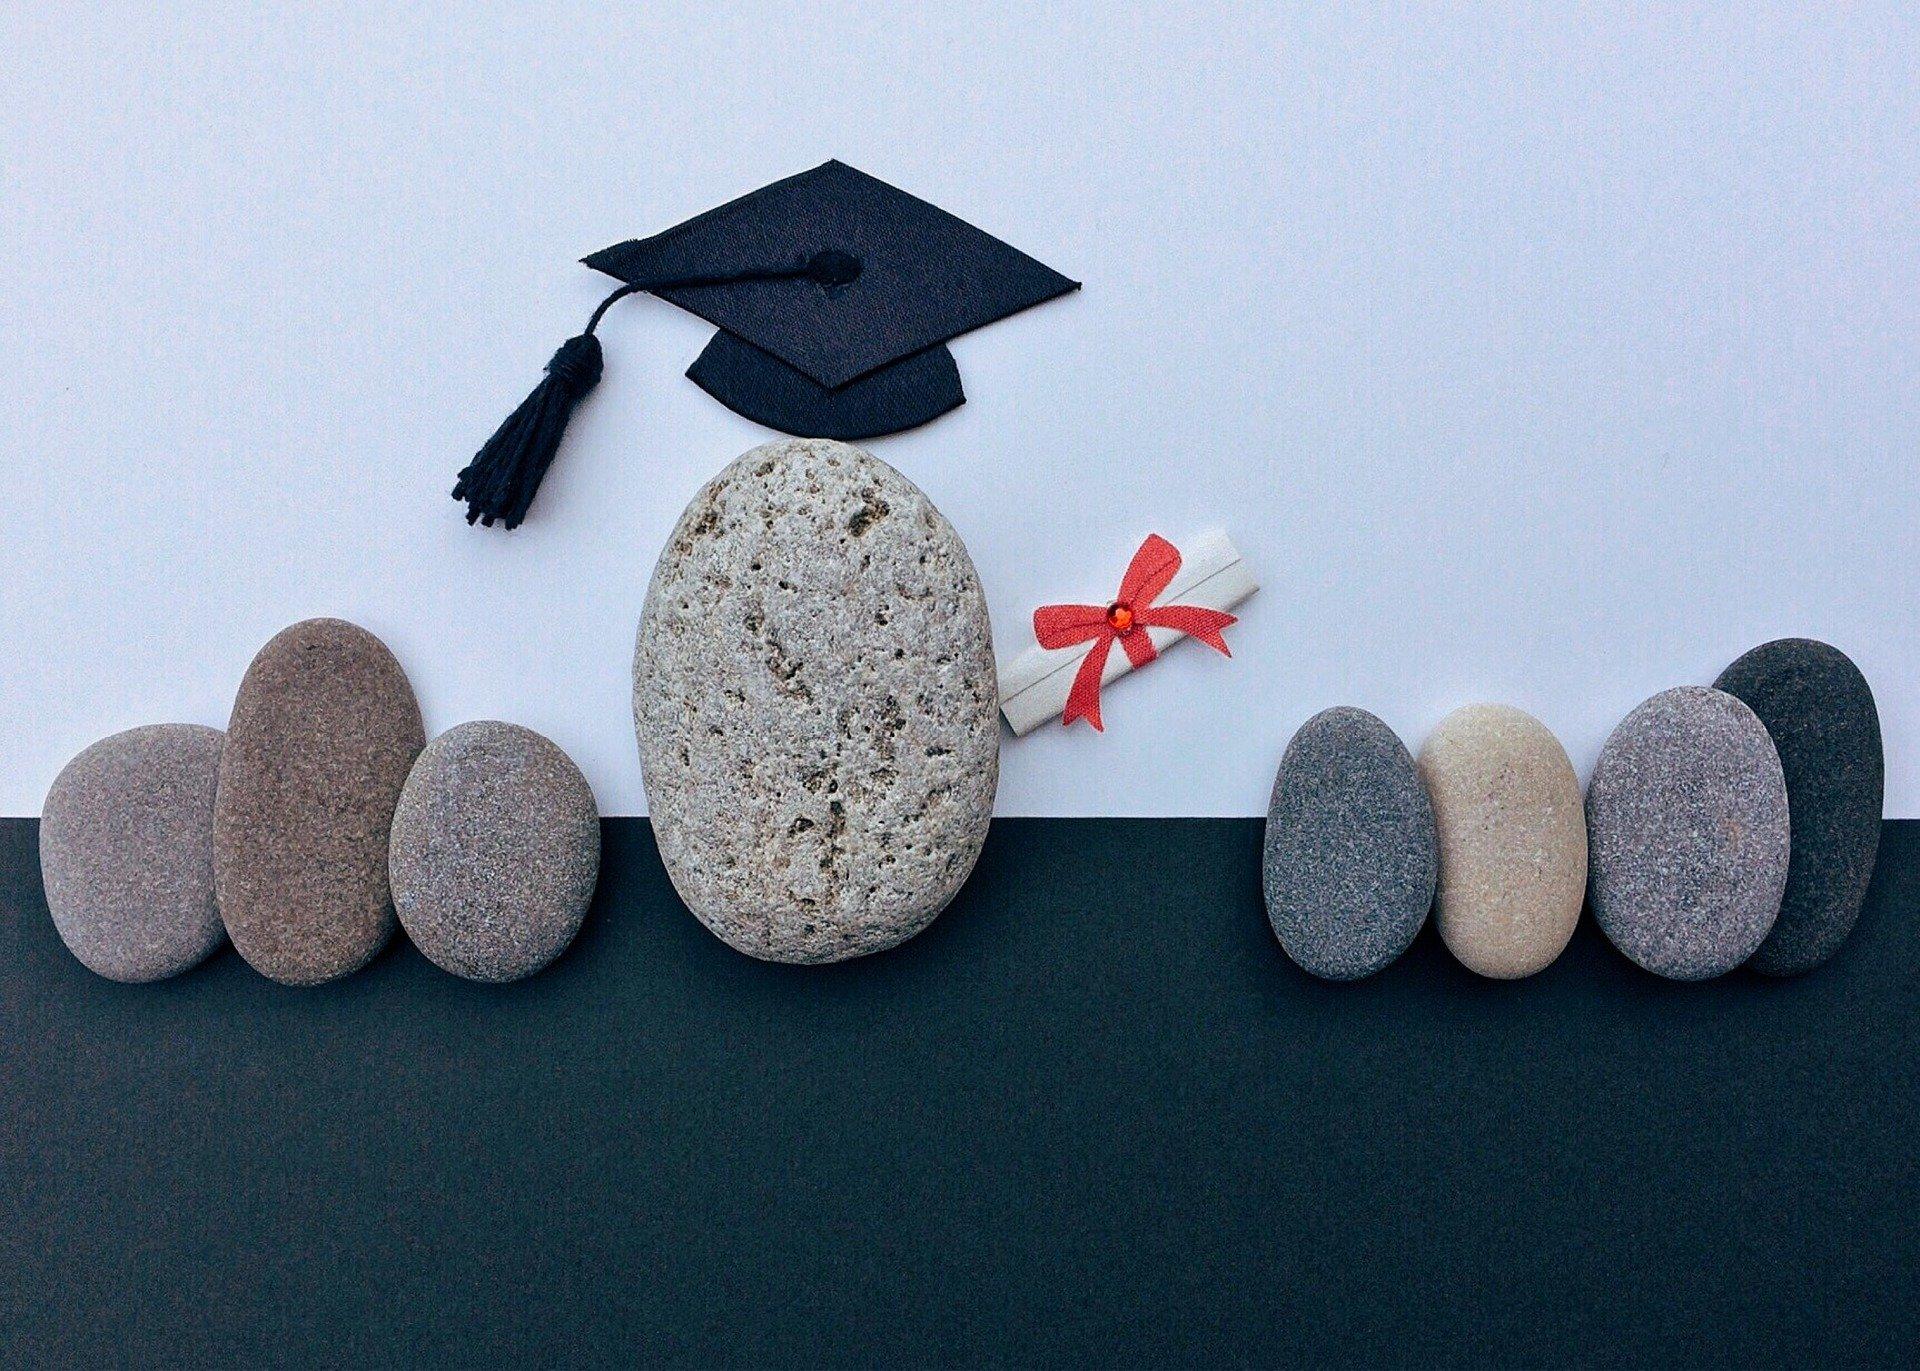 通信制大学も学歴になる!通信制大学の特徴から履歴書の書き方まで解説